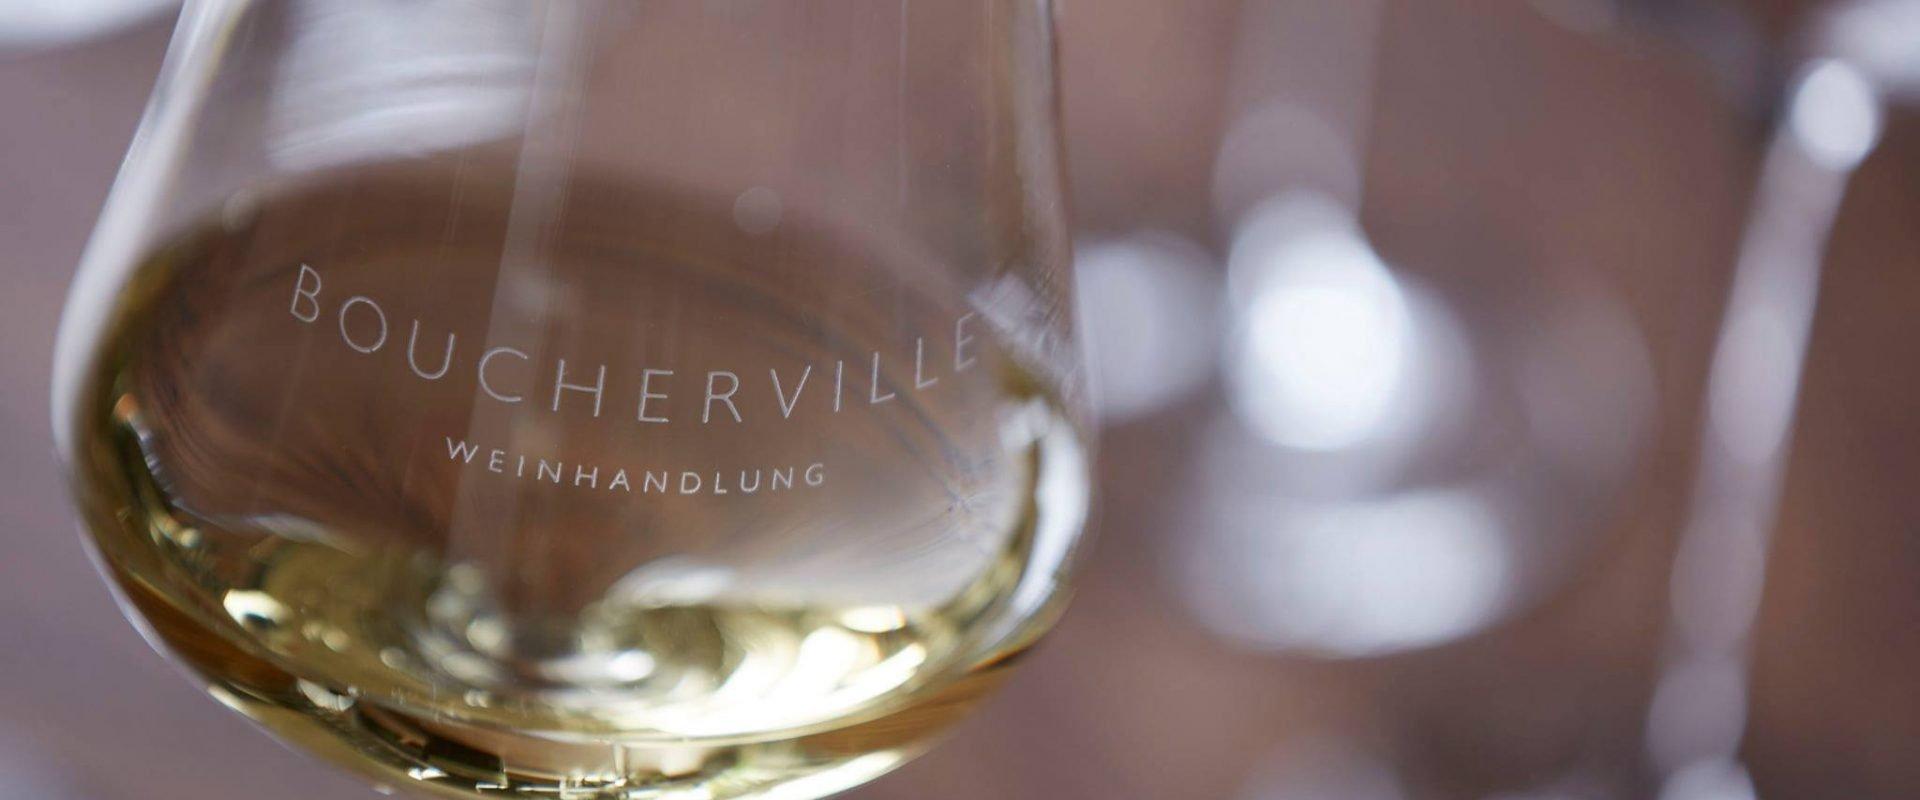 Boucherville Weinhandlung Zurich